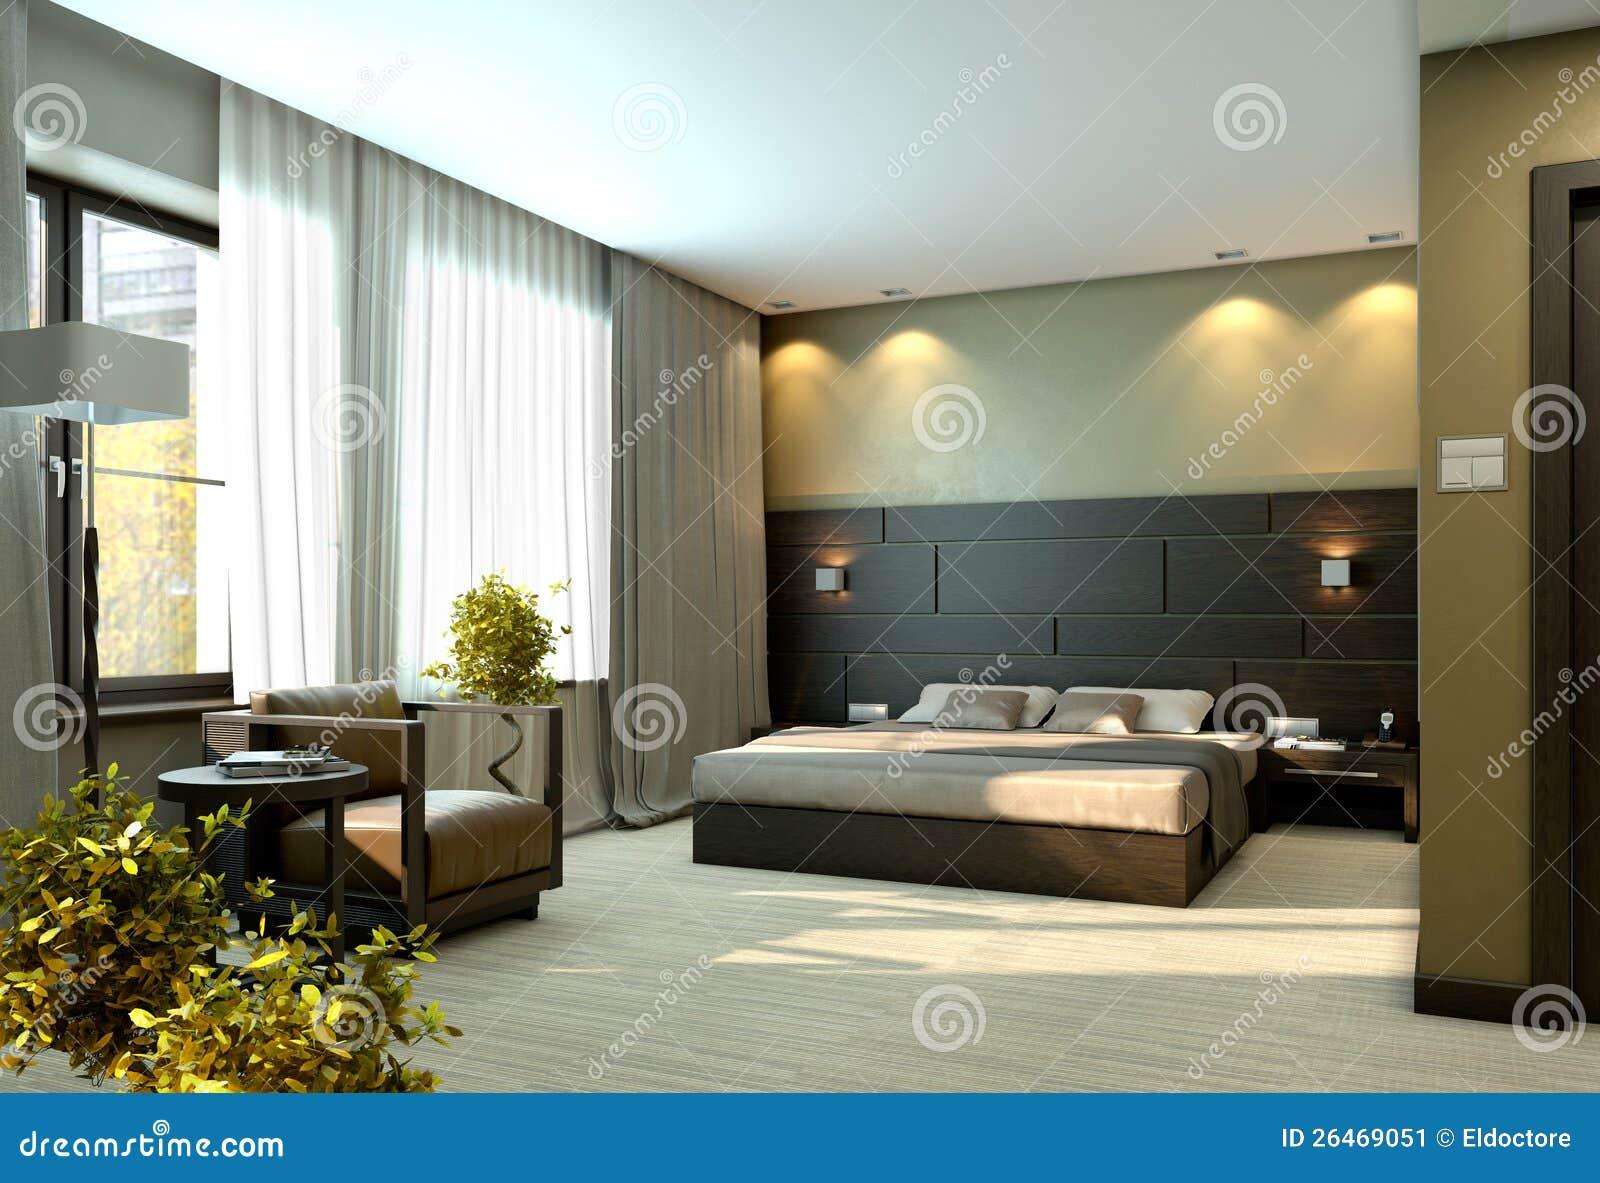 Camera da letto beige di lusso moderna immagine stock for Camera da letto vittoriana buia